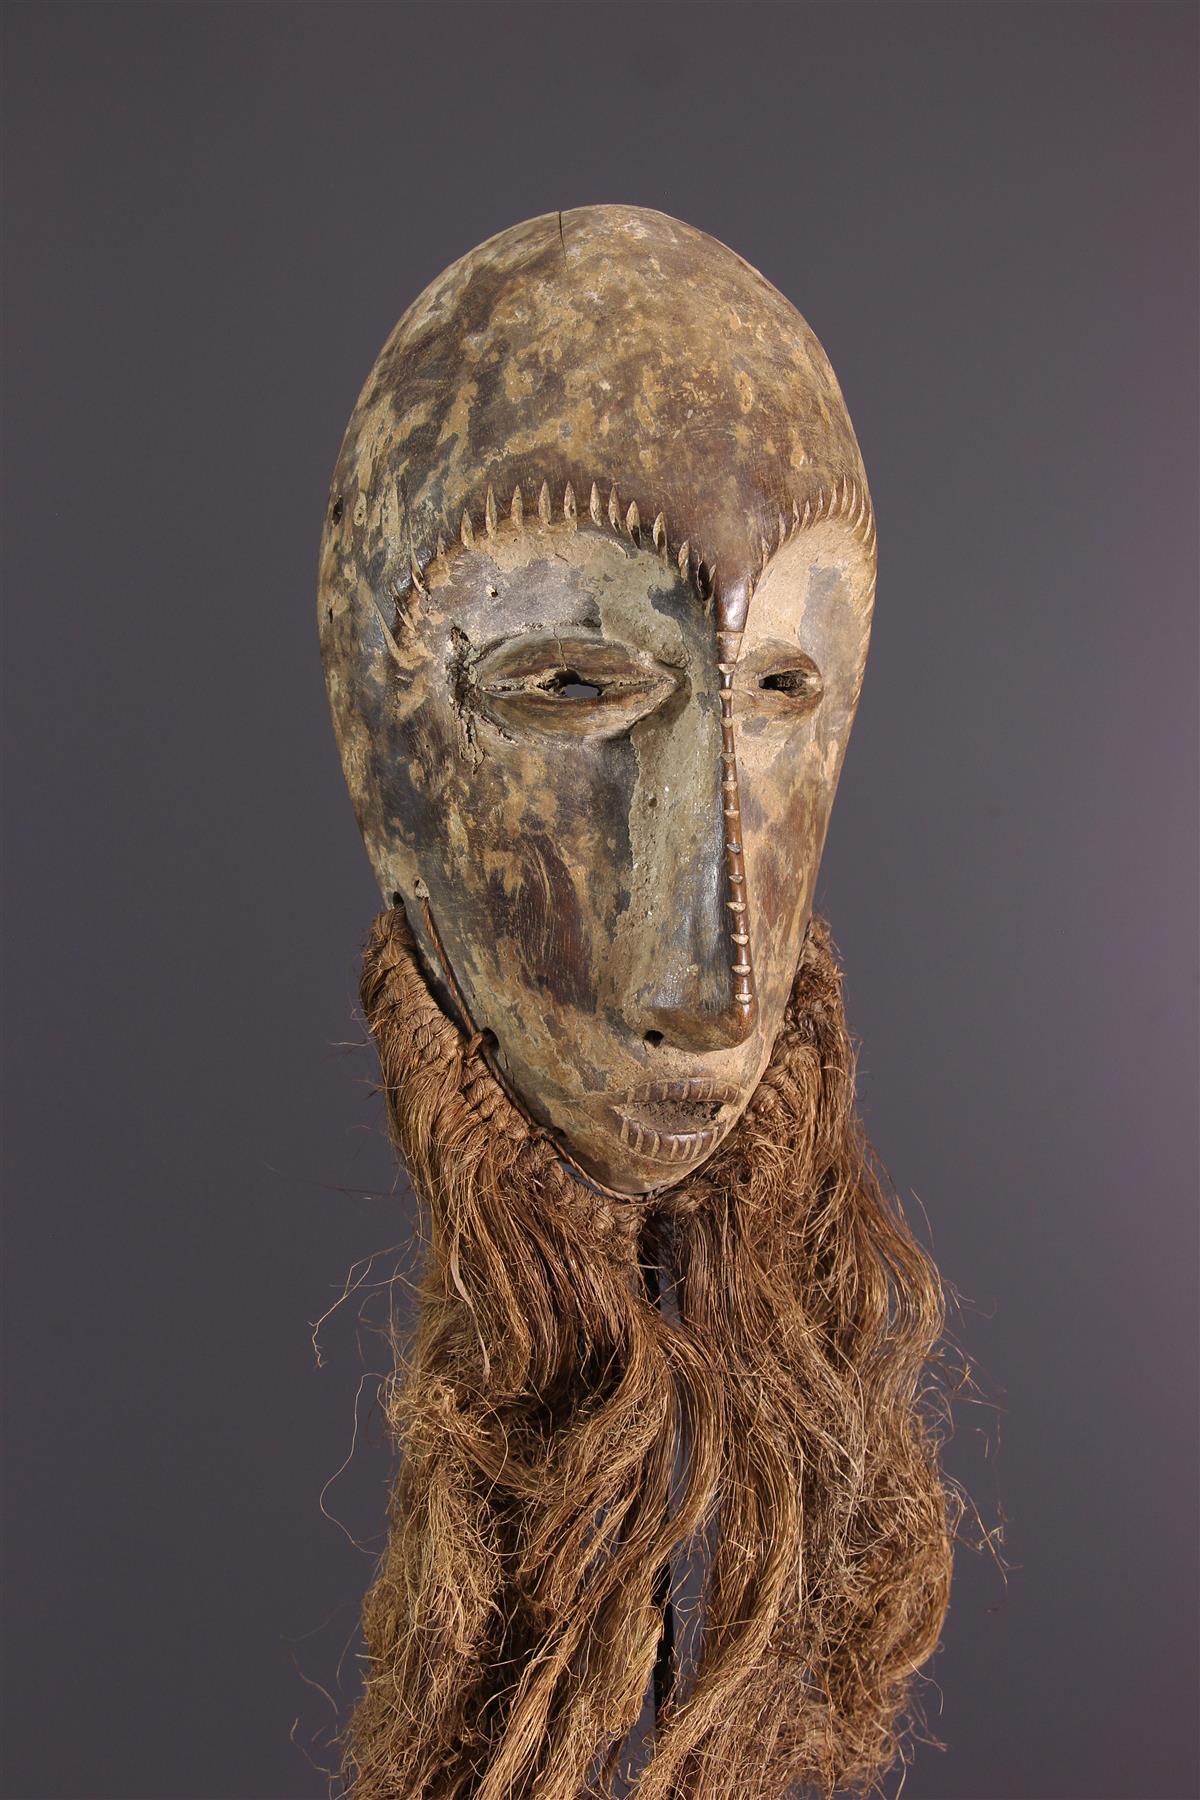 League Masque - African art